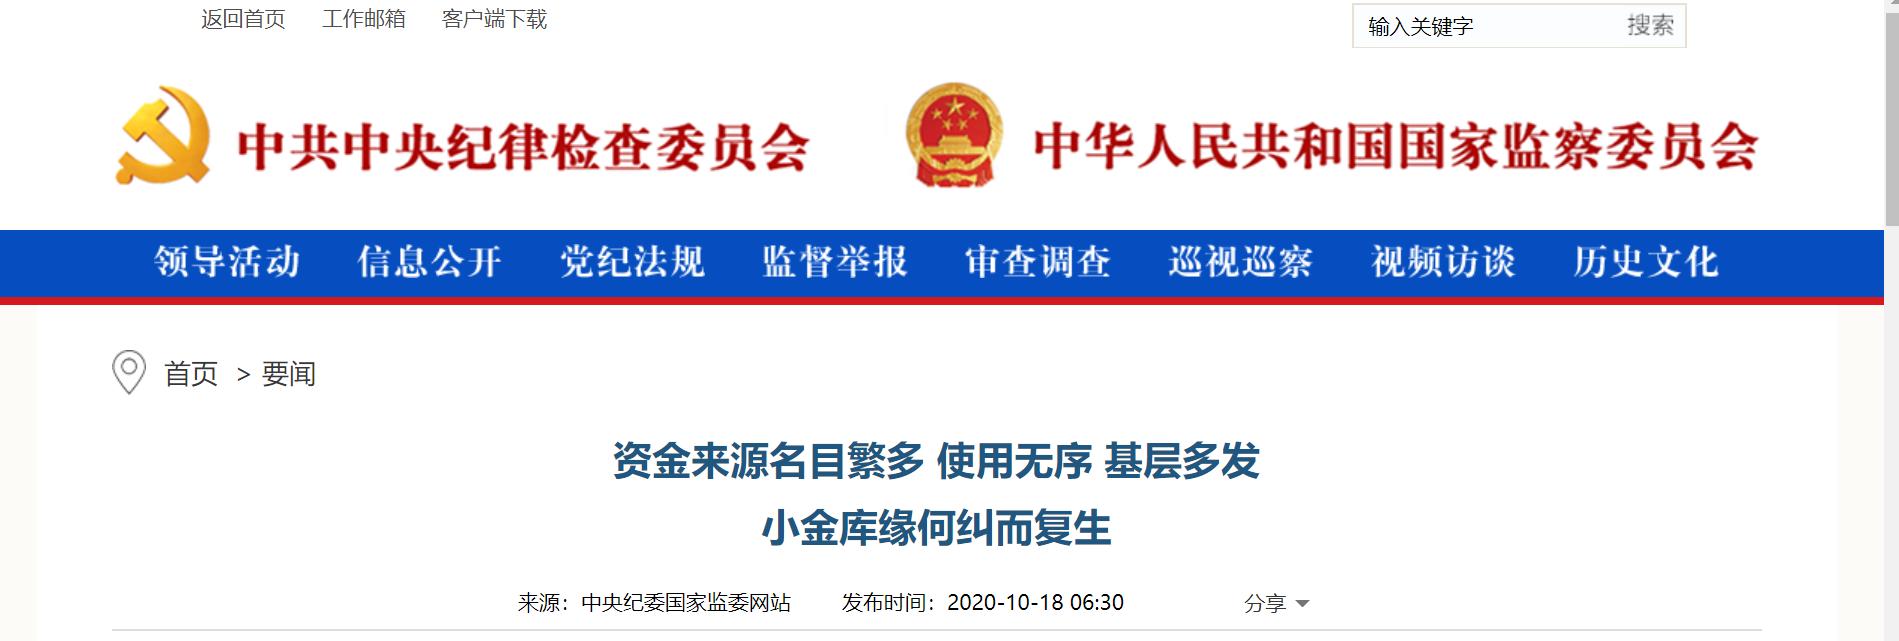 """天津专项检查发现:有单位""""小金库""""藏2400万,基层单位17名出纳、会计15年未轮岗"""